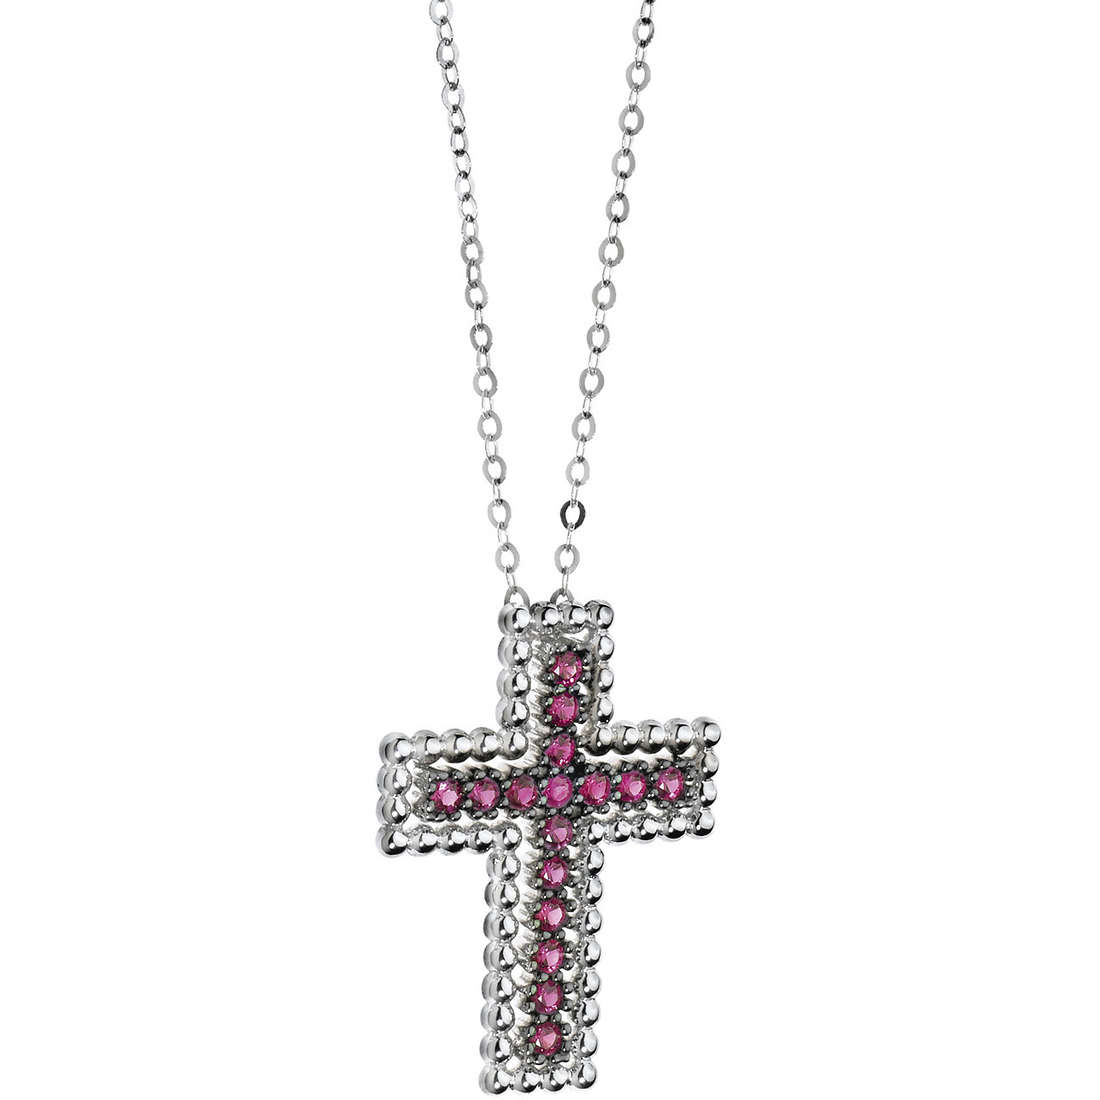 collana donna gioielli Comete Pietre preziose colorate GLB 943